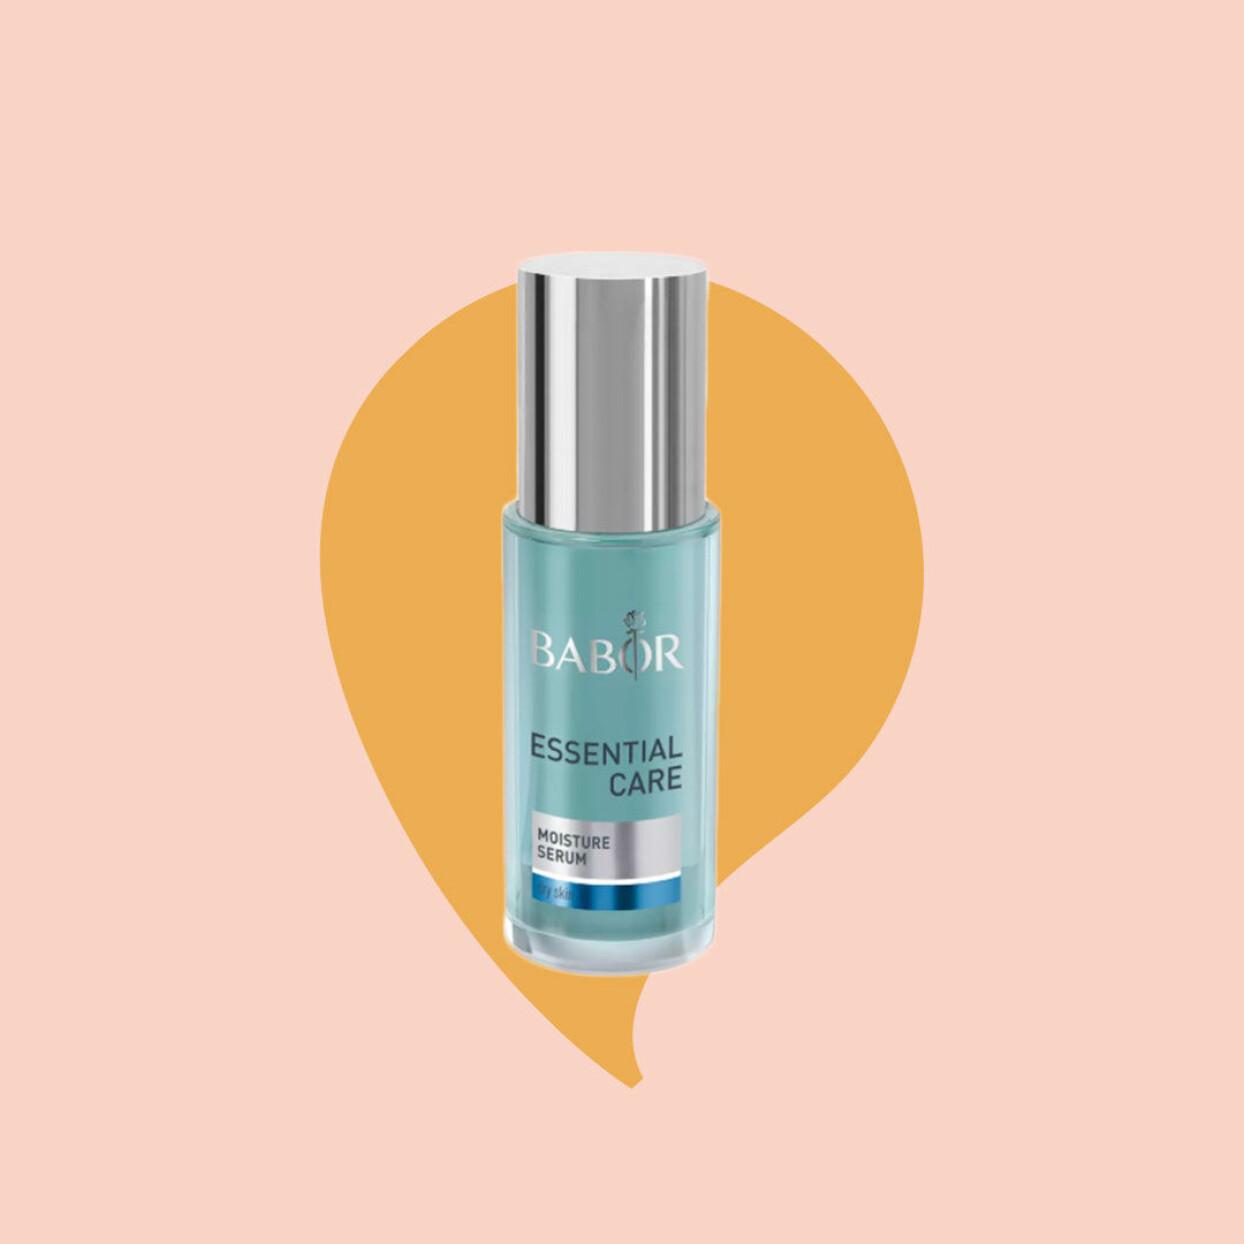 Babor essential care för vintertorr hud